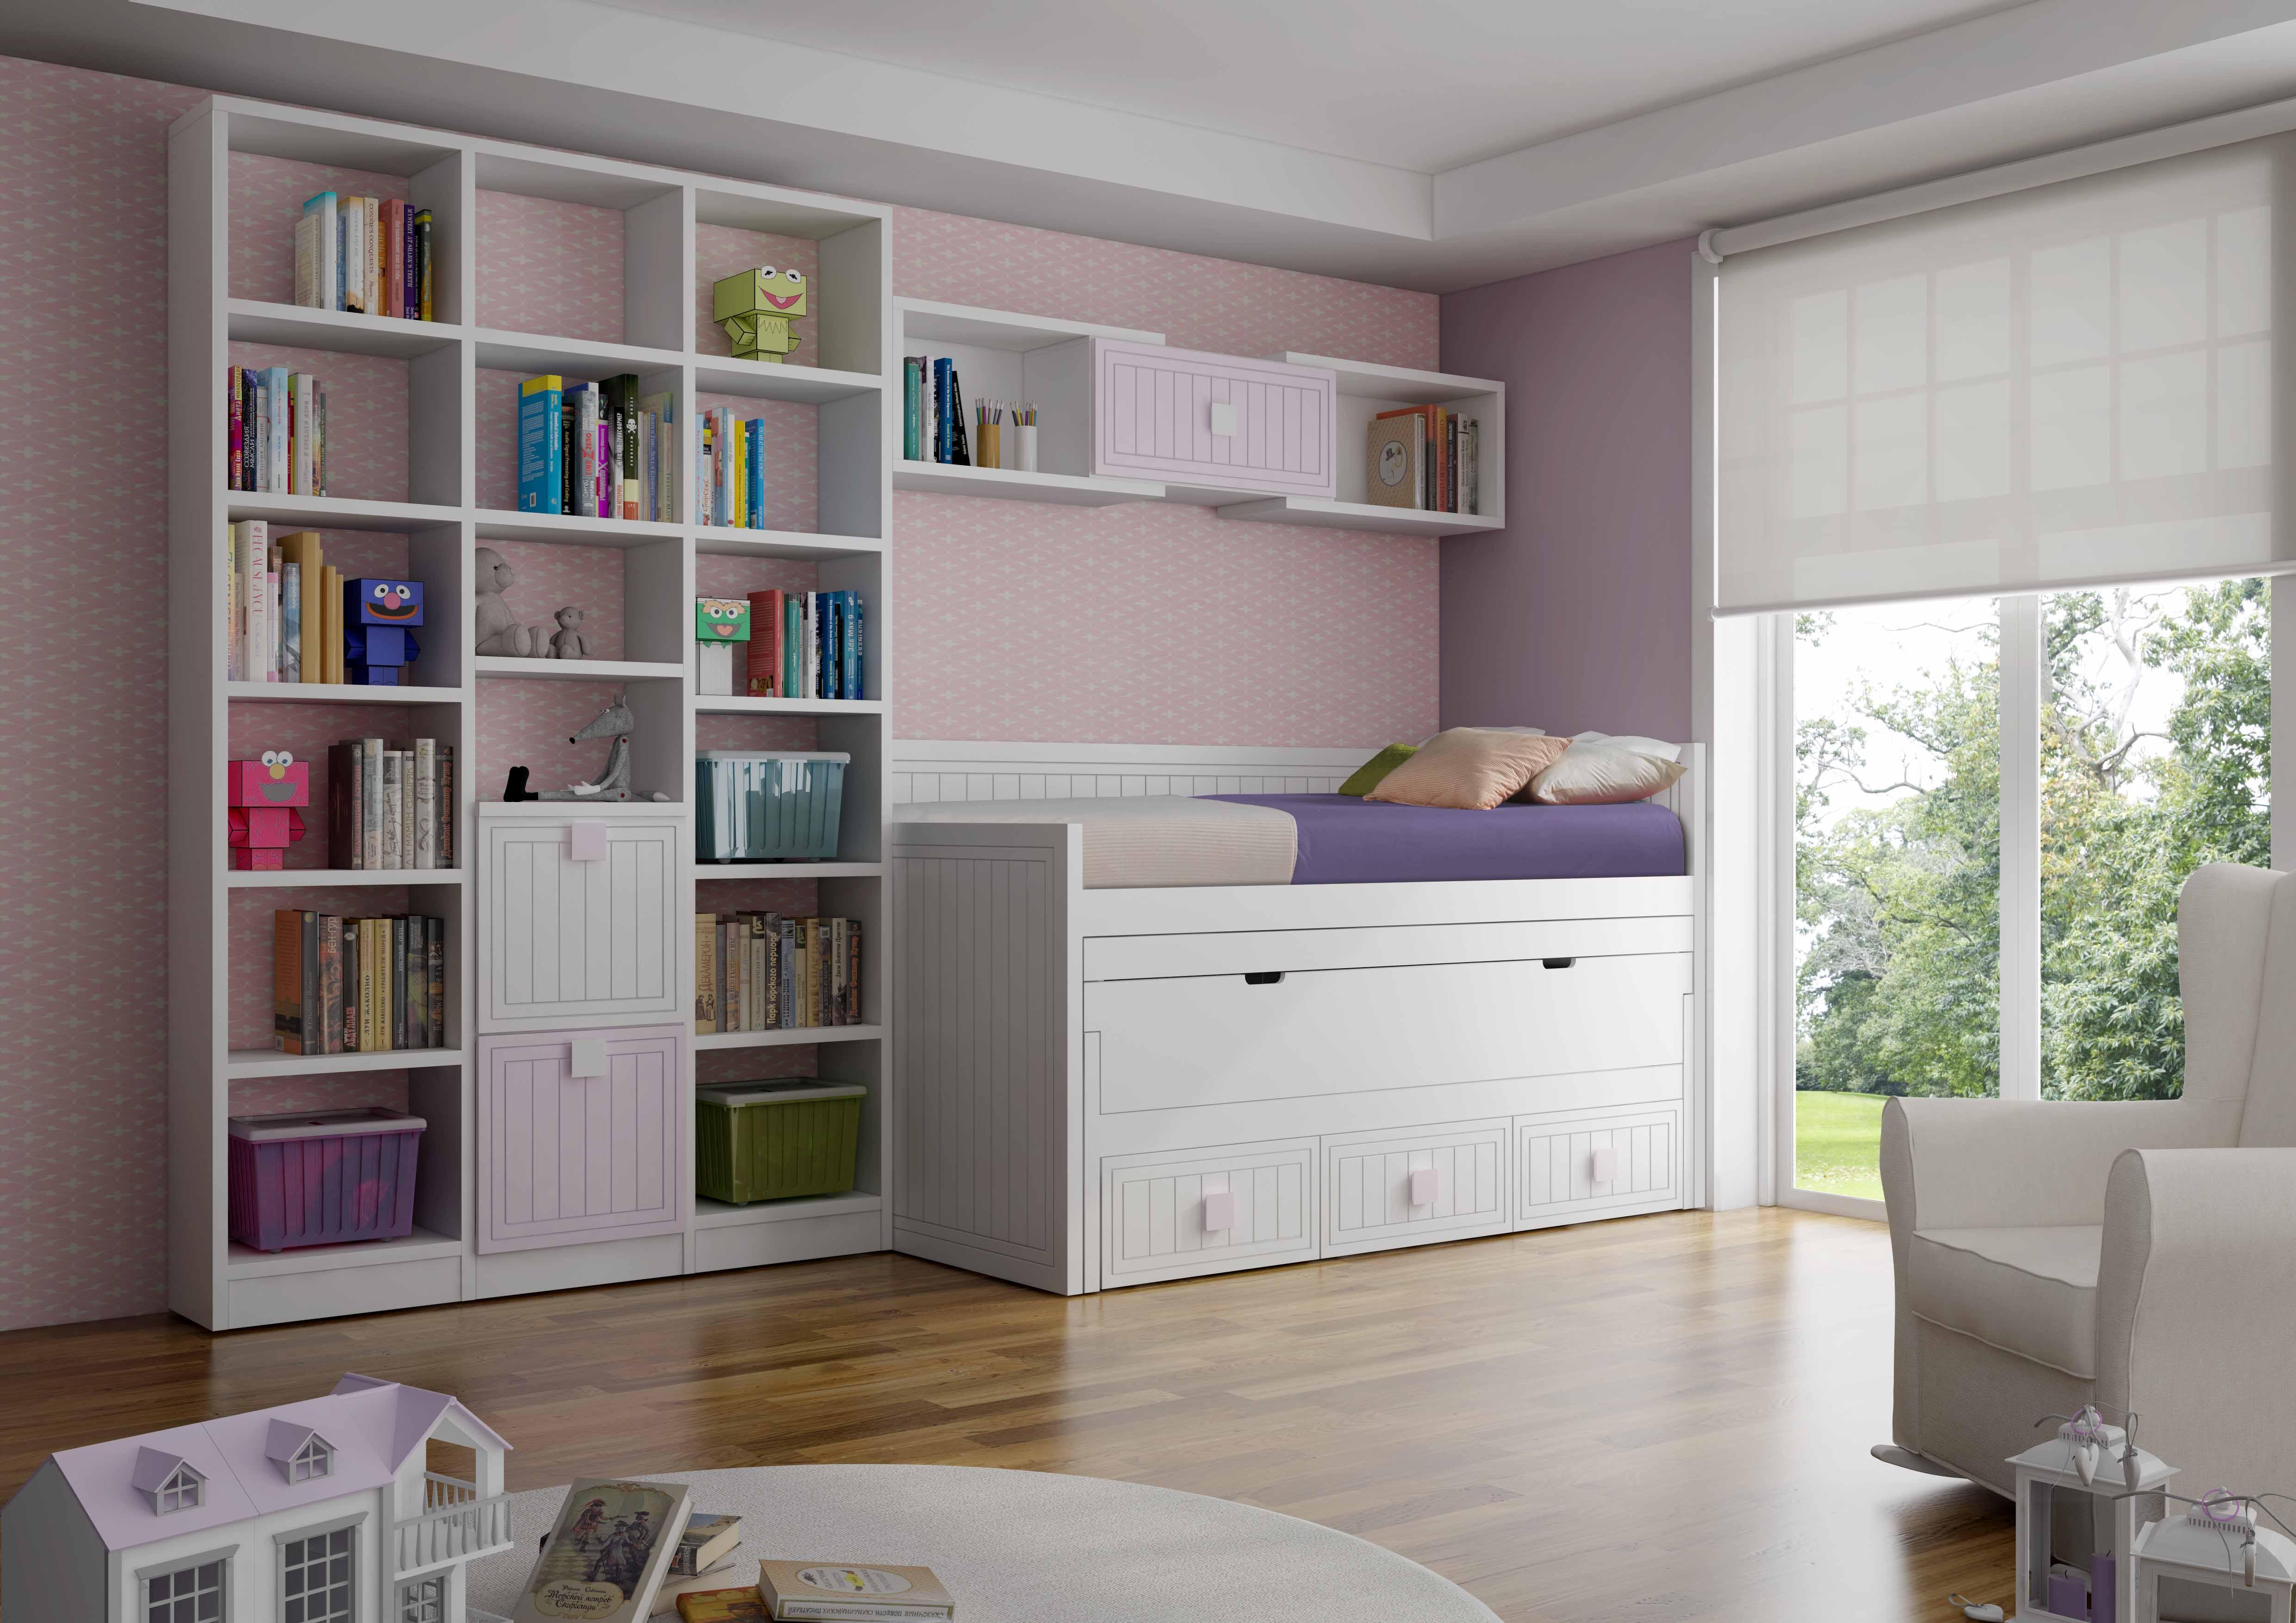 camas compactas juveniles funcionalidad y espacio extra